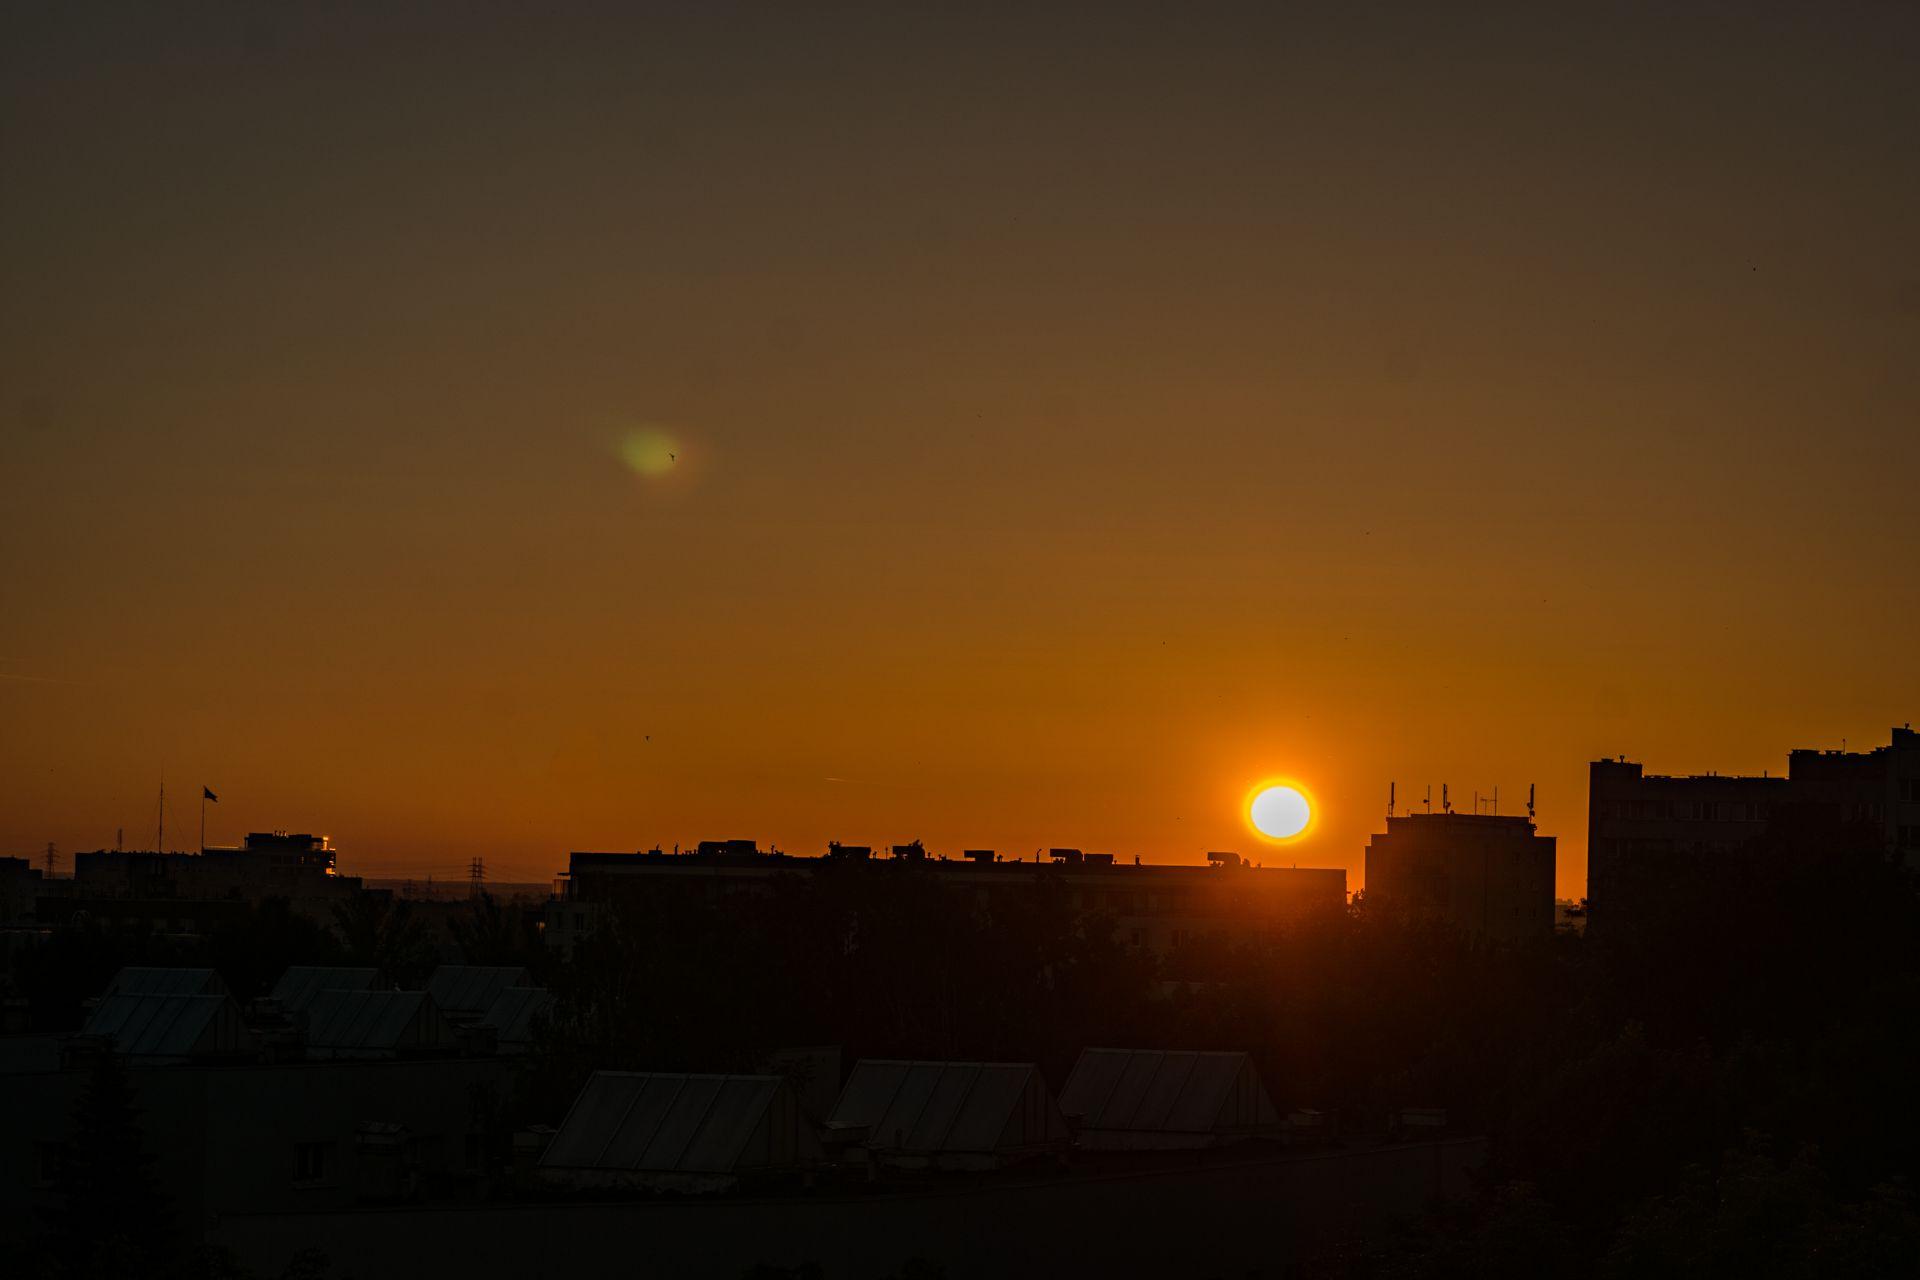 Prawdopodobnie nikogo niezachwycający (poza mną!) wschód słońca nad Żoliborzem